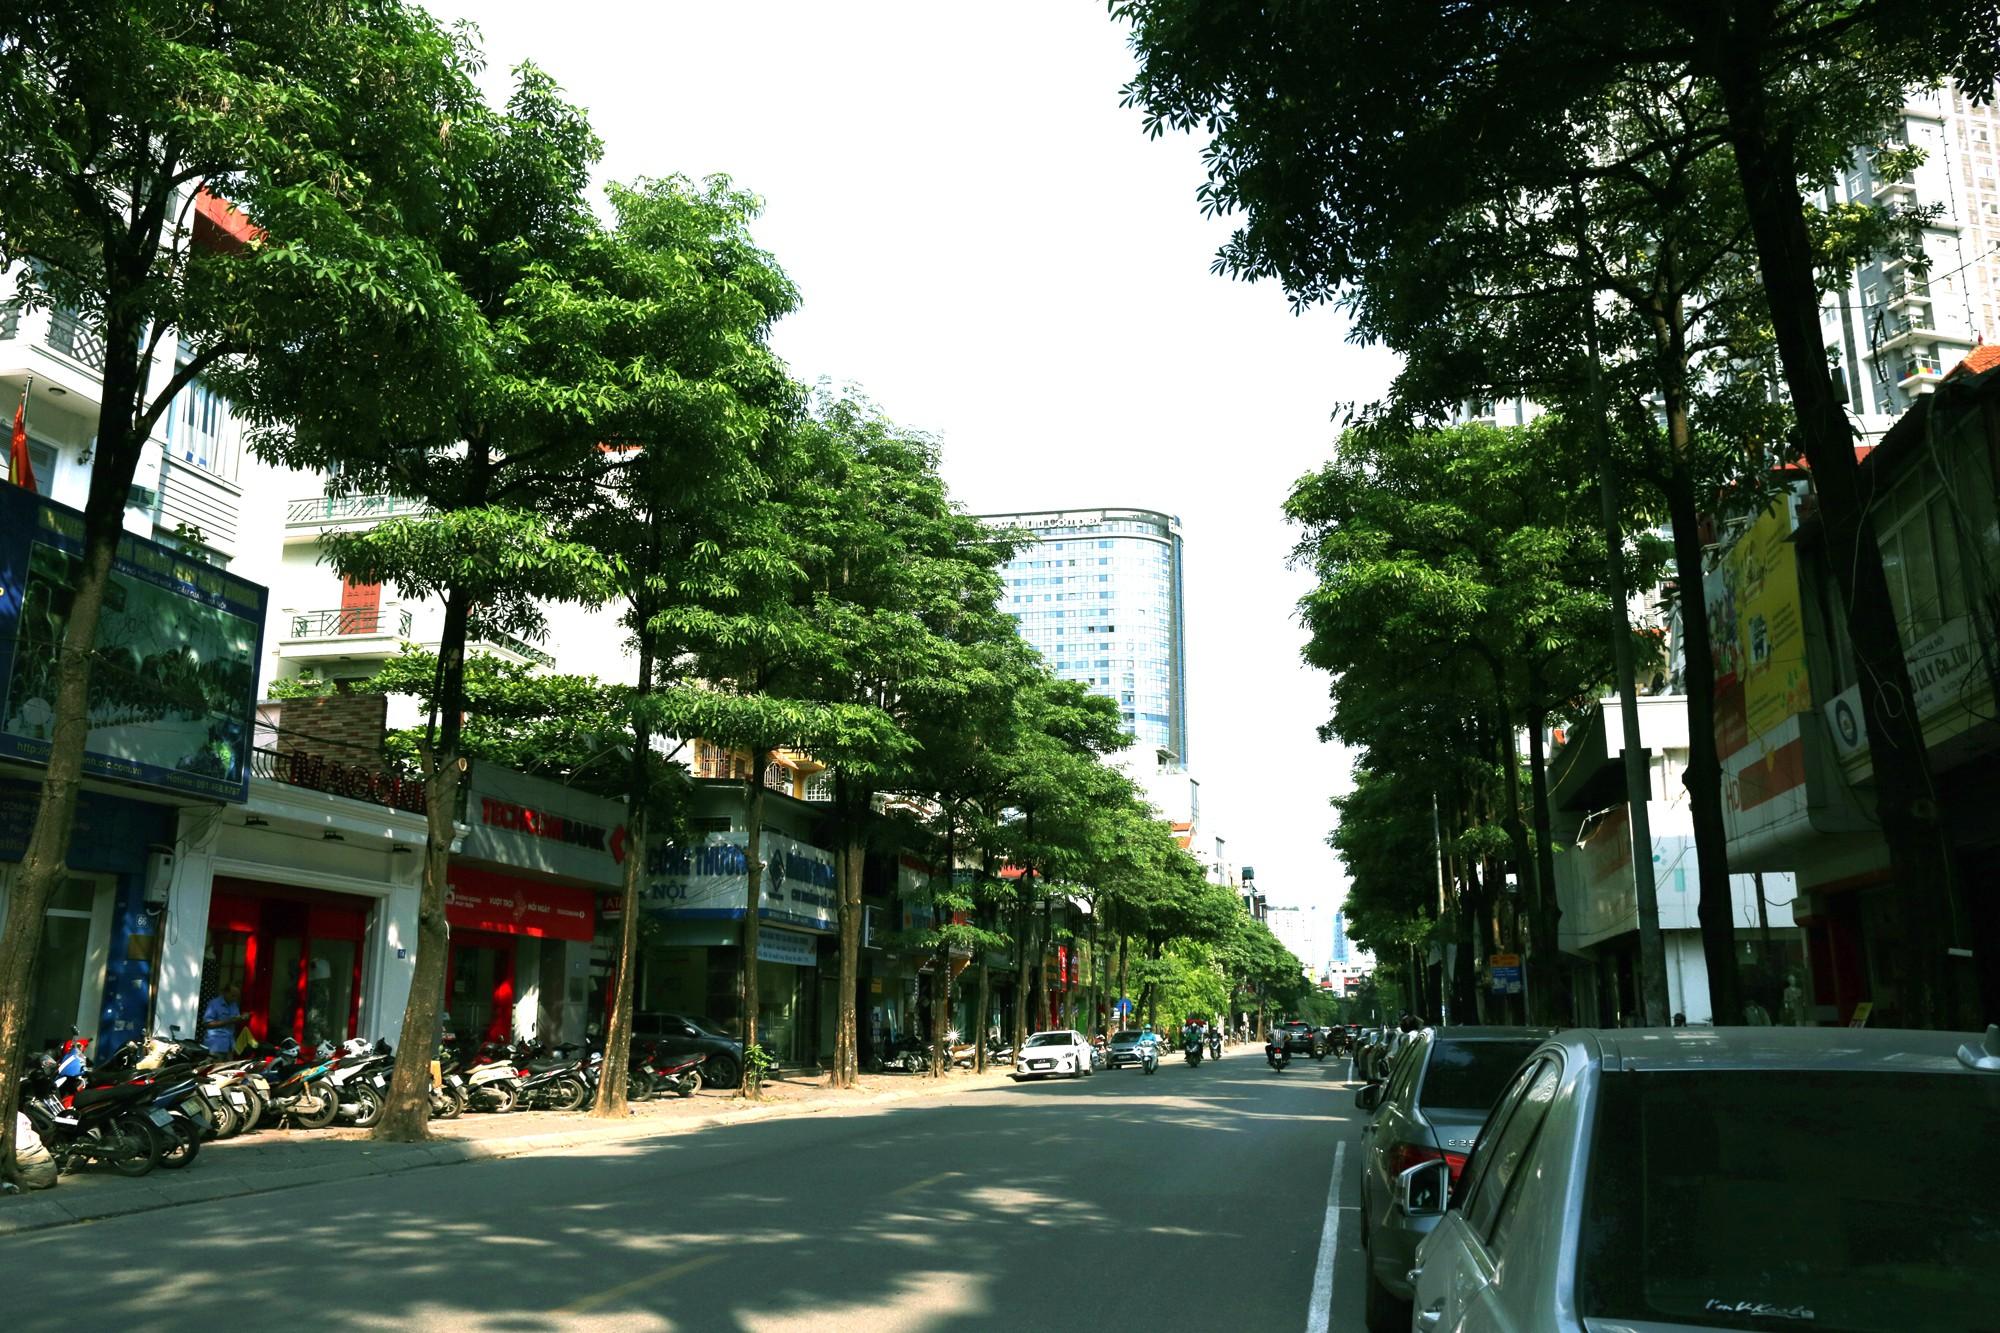 Hà Nội: Đầu hè, hoa sữa bất ngờ nở trên nhiều tuyến phố  - Ảnh 1.